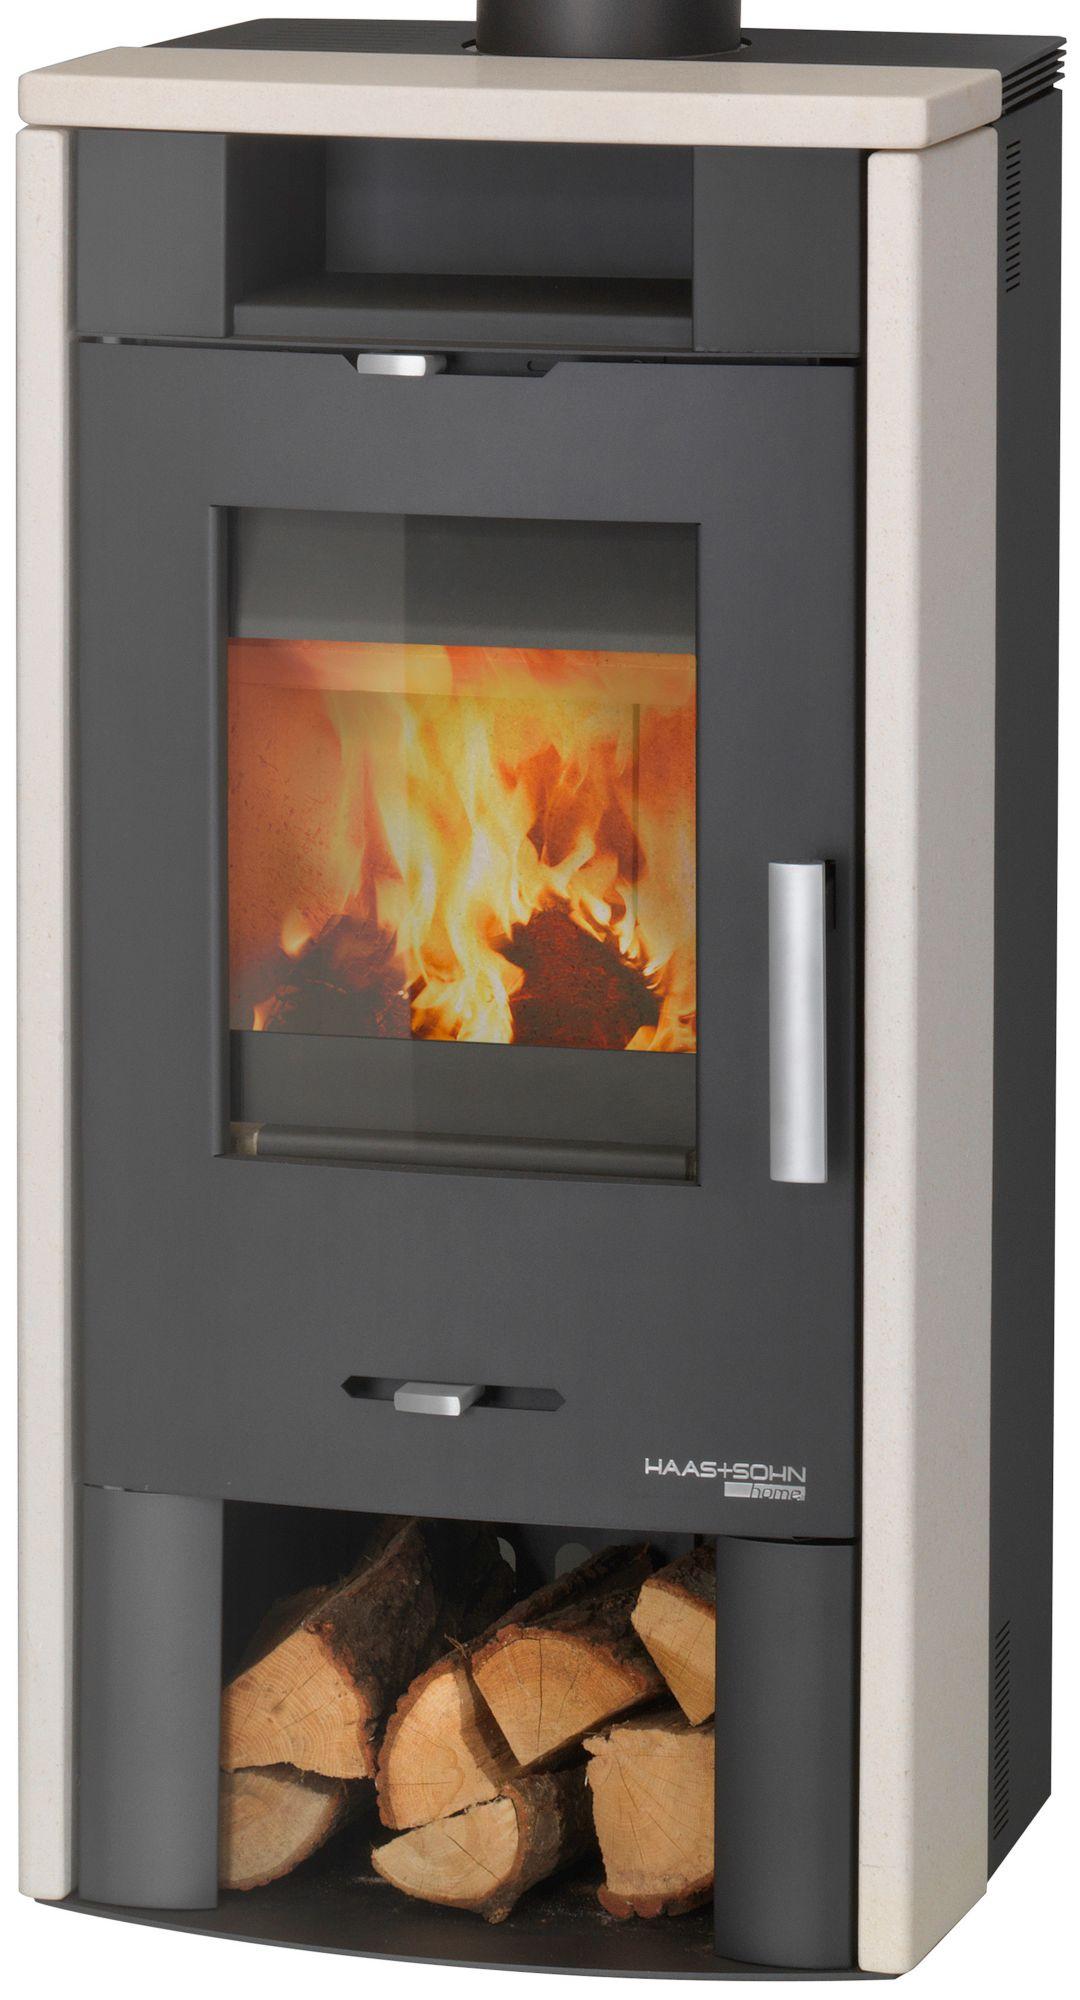 HAAS SOHN Haas & Sohn Kaminofen »Andorra«, Kalkstein weiß, 7 kW, Teefach